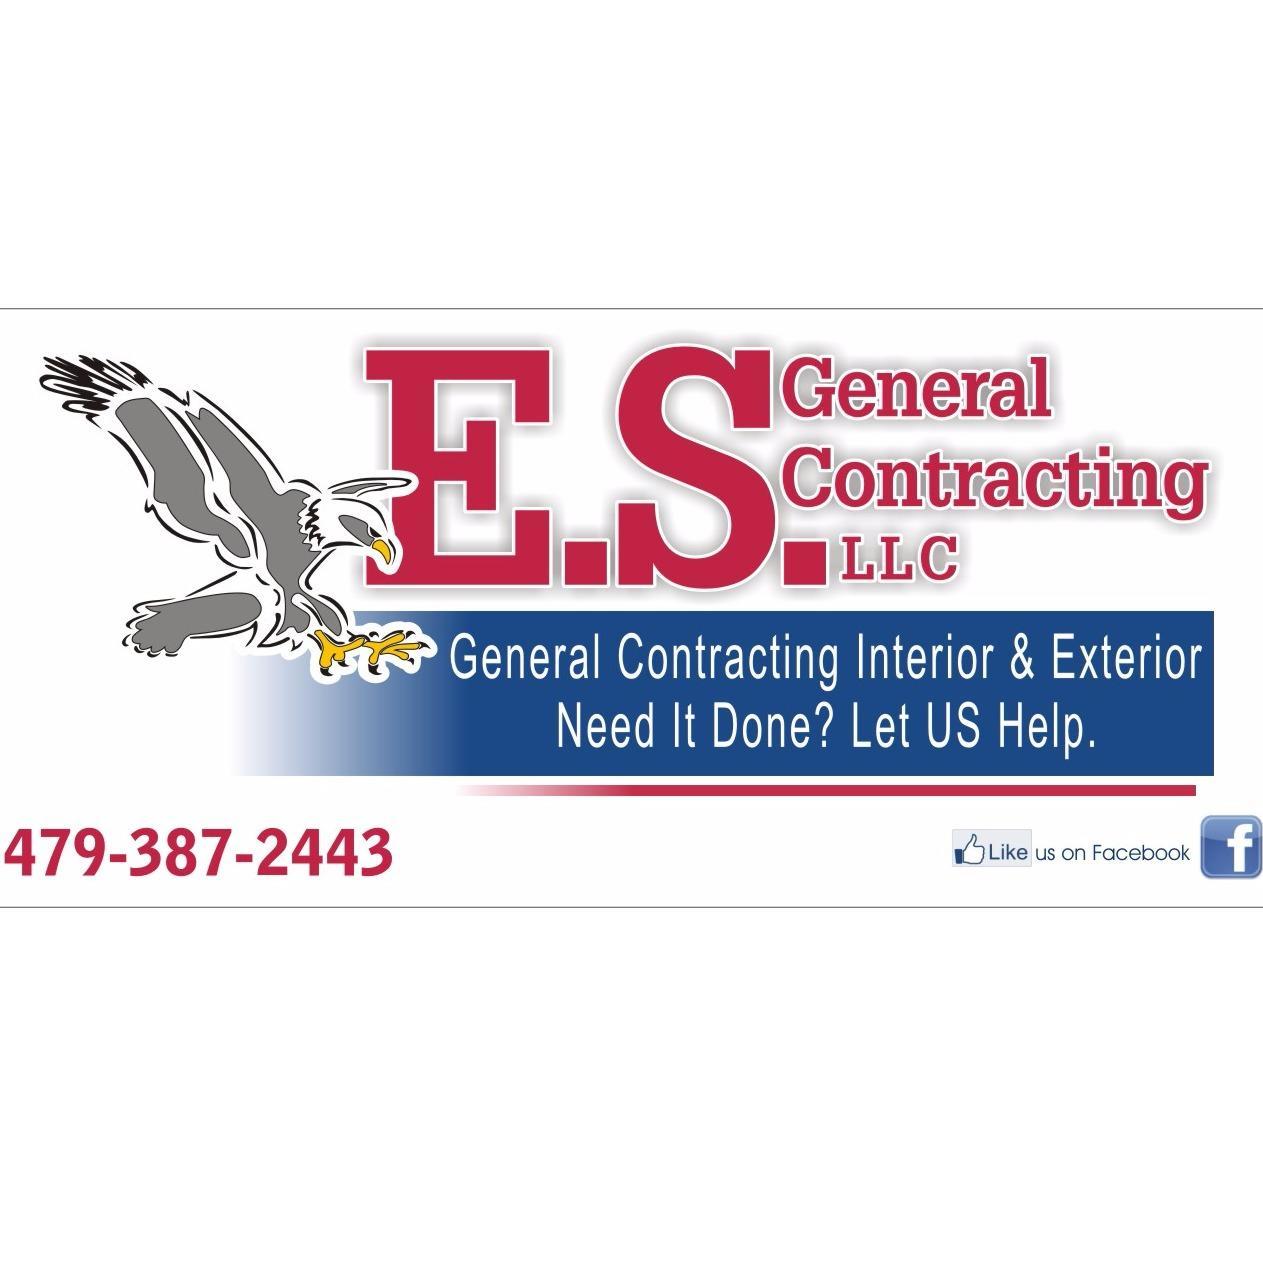 E.S. General Contracting LLC Logo